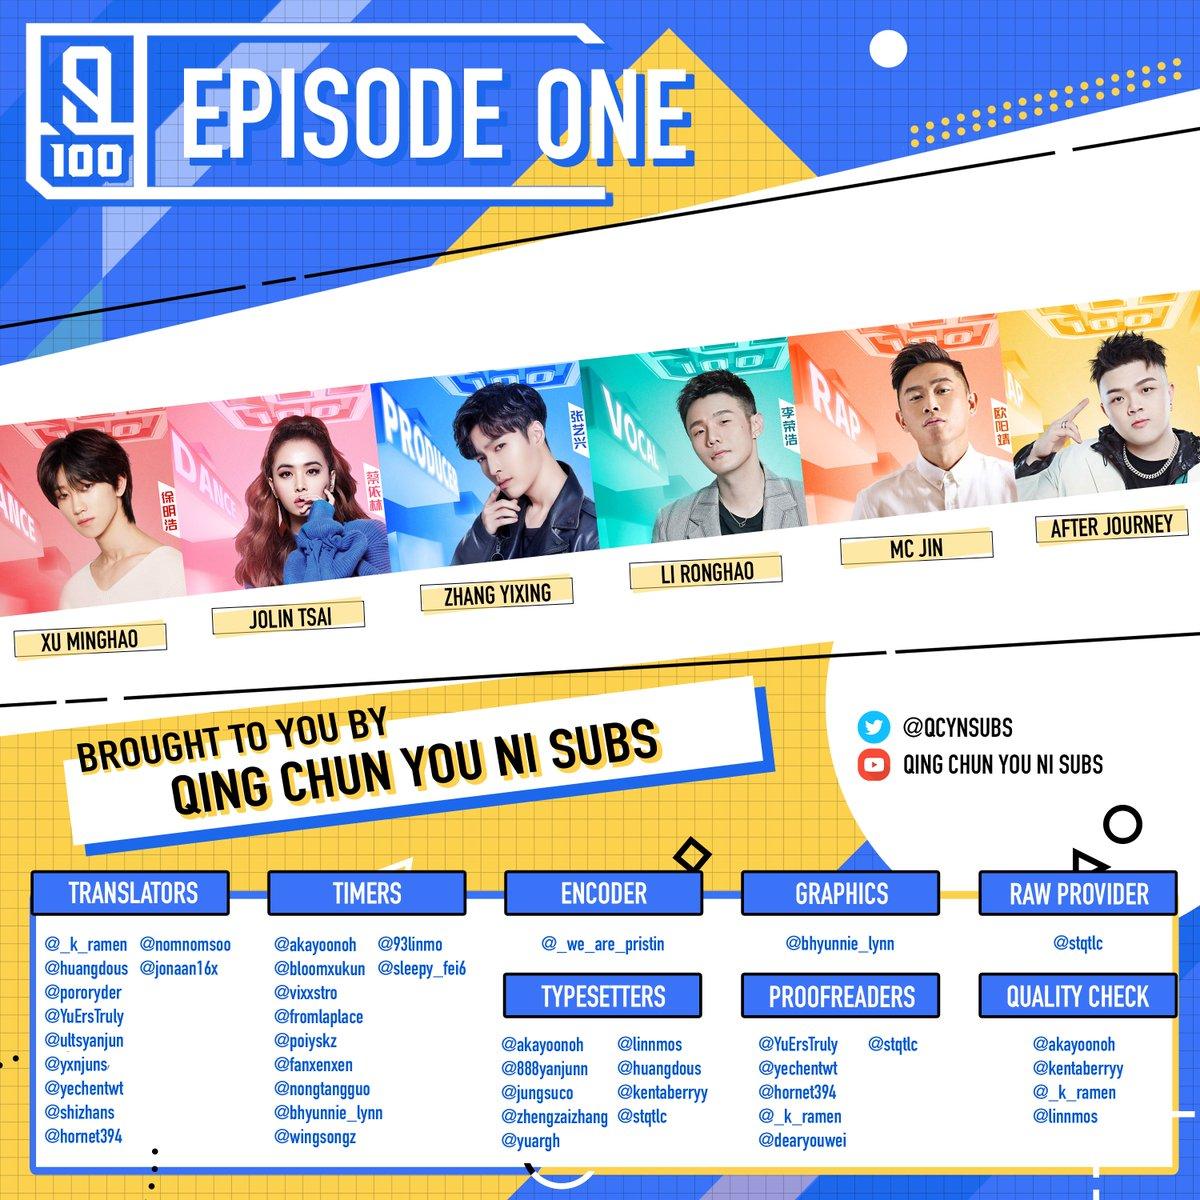 Qing Chun You Ni (Idol Producer Season 2) Subs on Twitter: